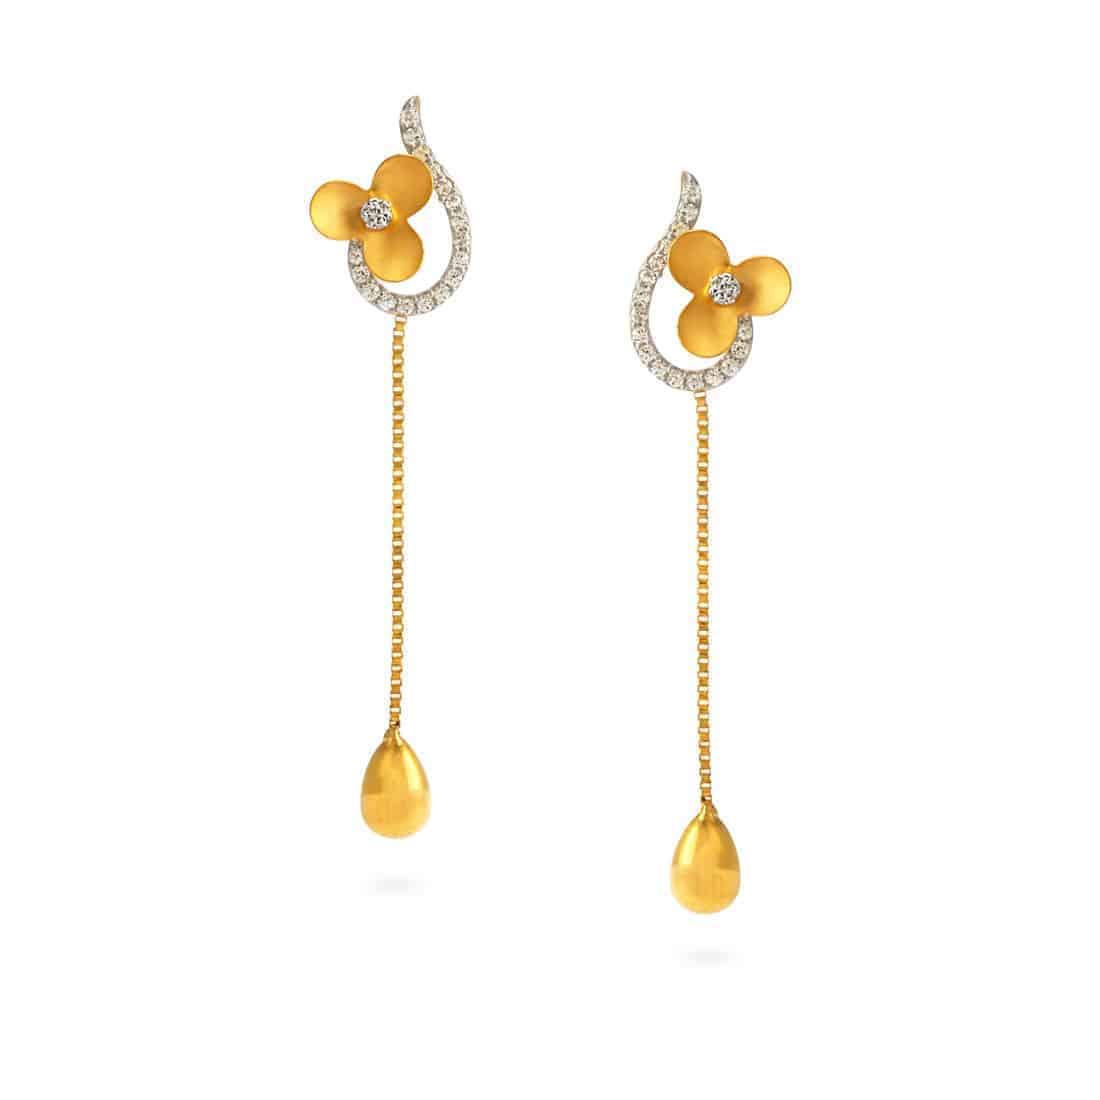 earrings_23408_1100px.jpg